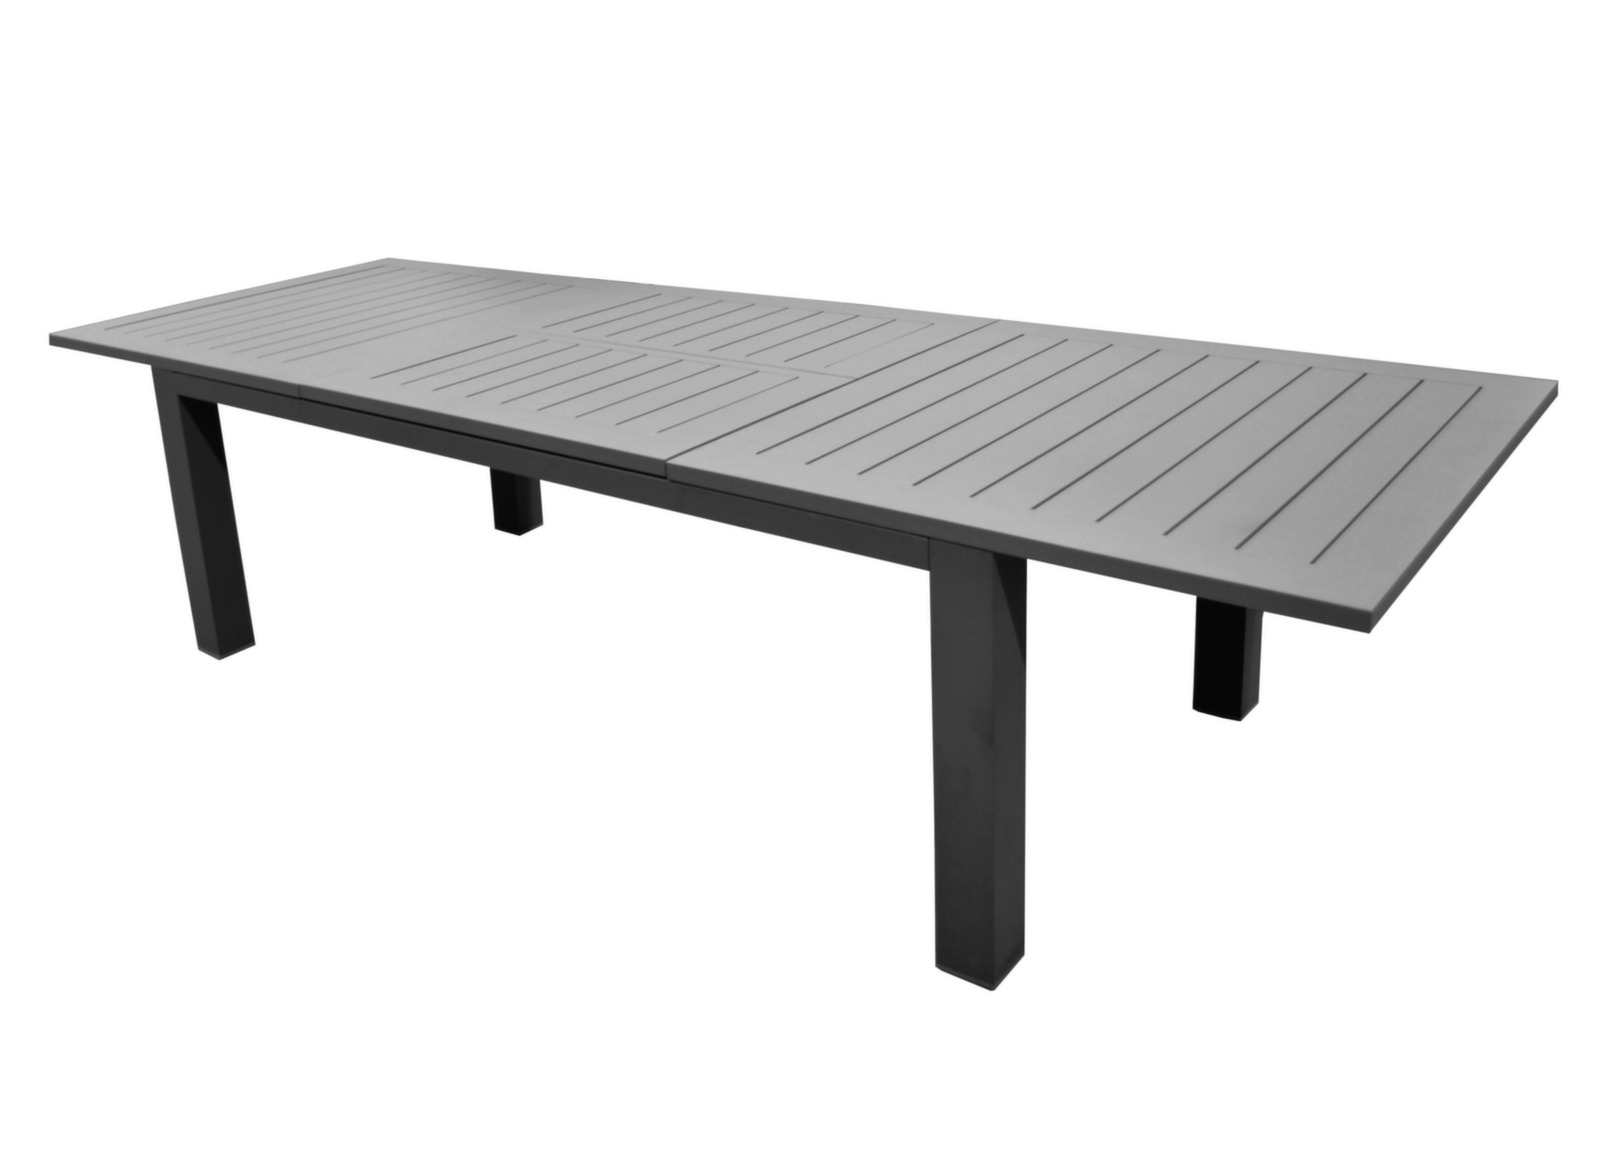 Table Aurore 214/311 Cm (Finition Brush) intérieur Table Jardin Aluminium Avec Rallonge